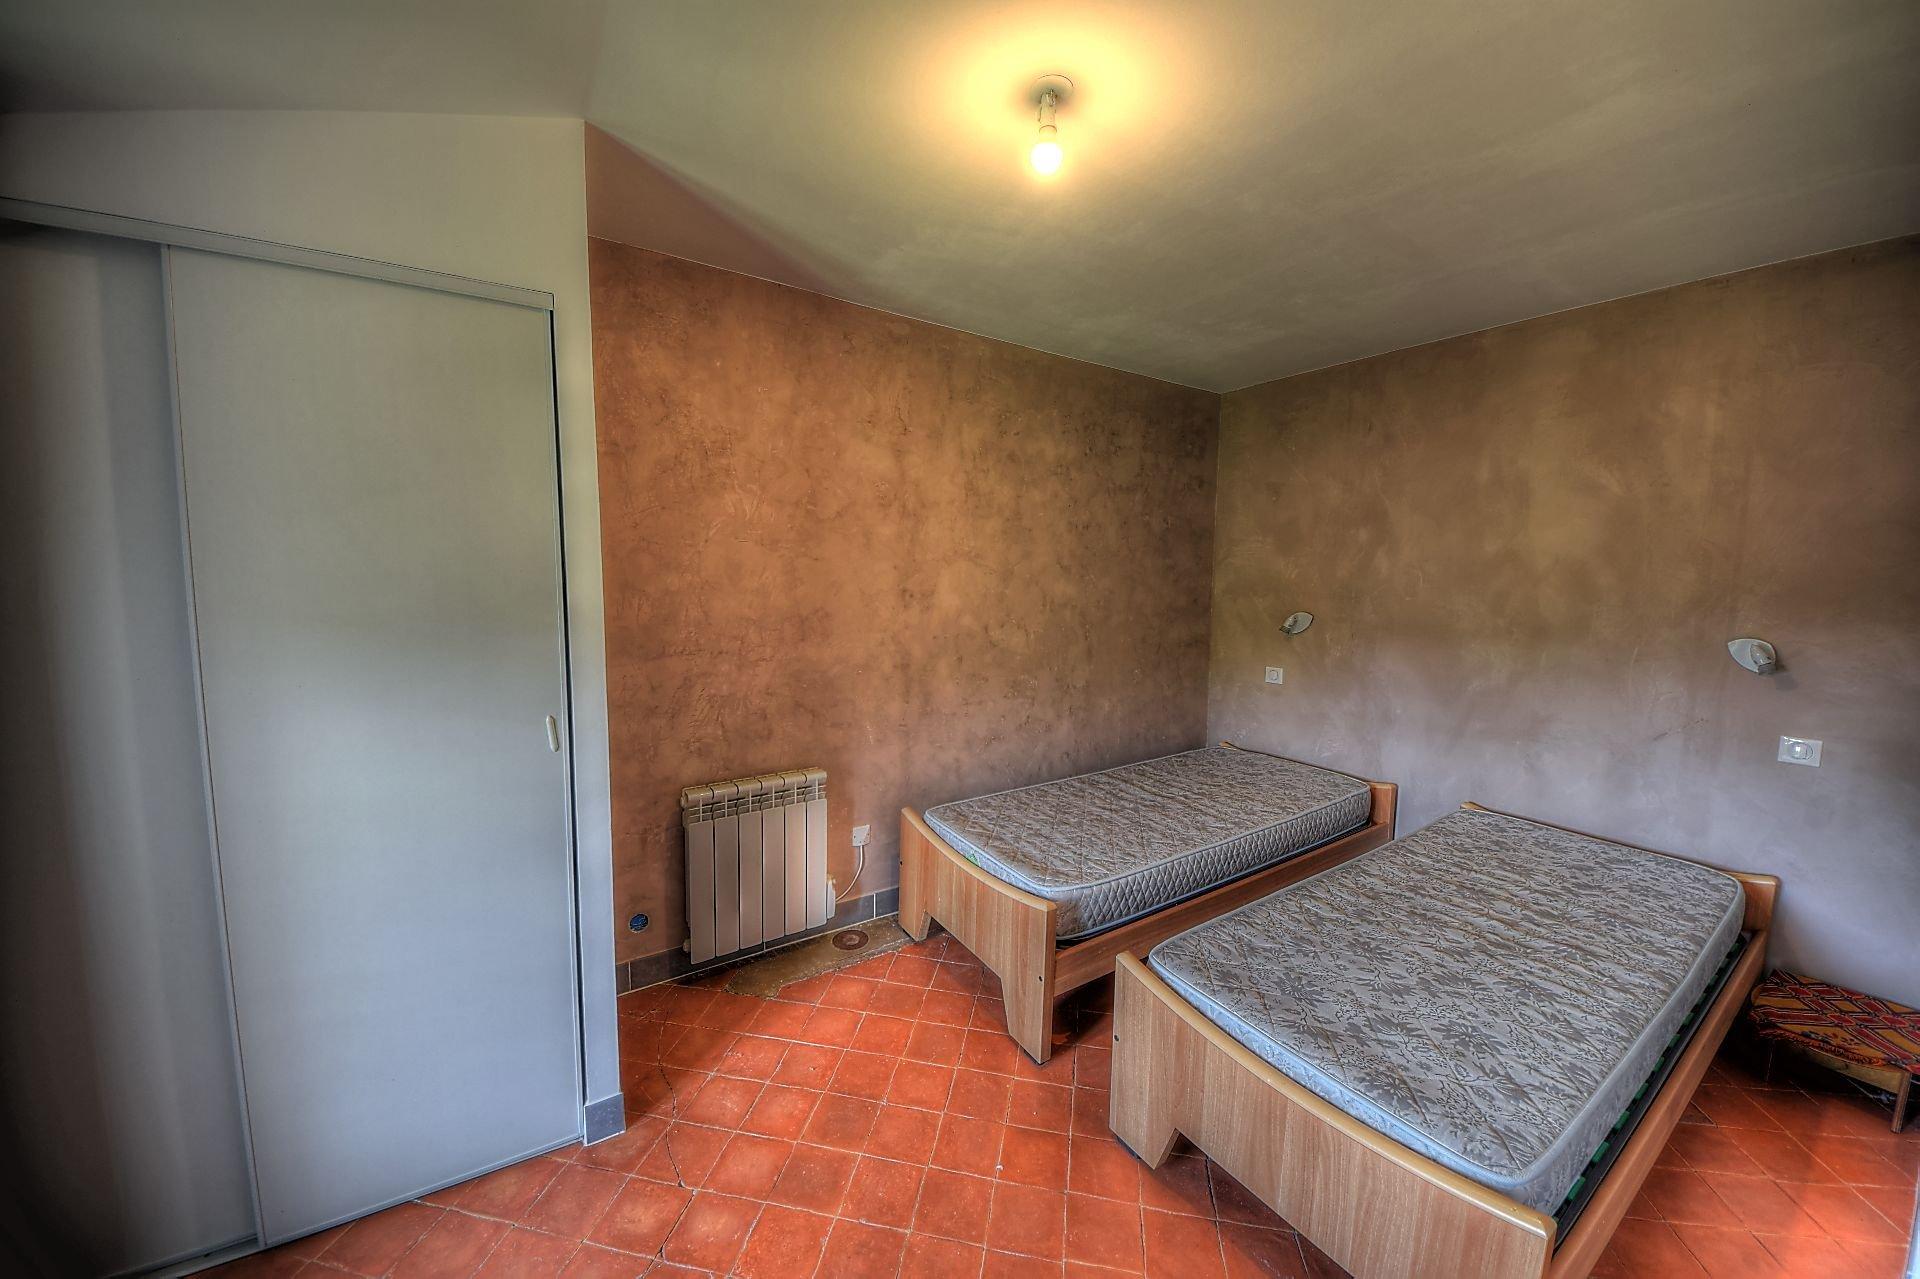 Petite chambre de l'appartement indépendant au 2ème étage